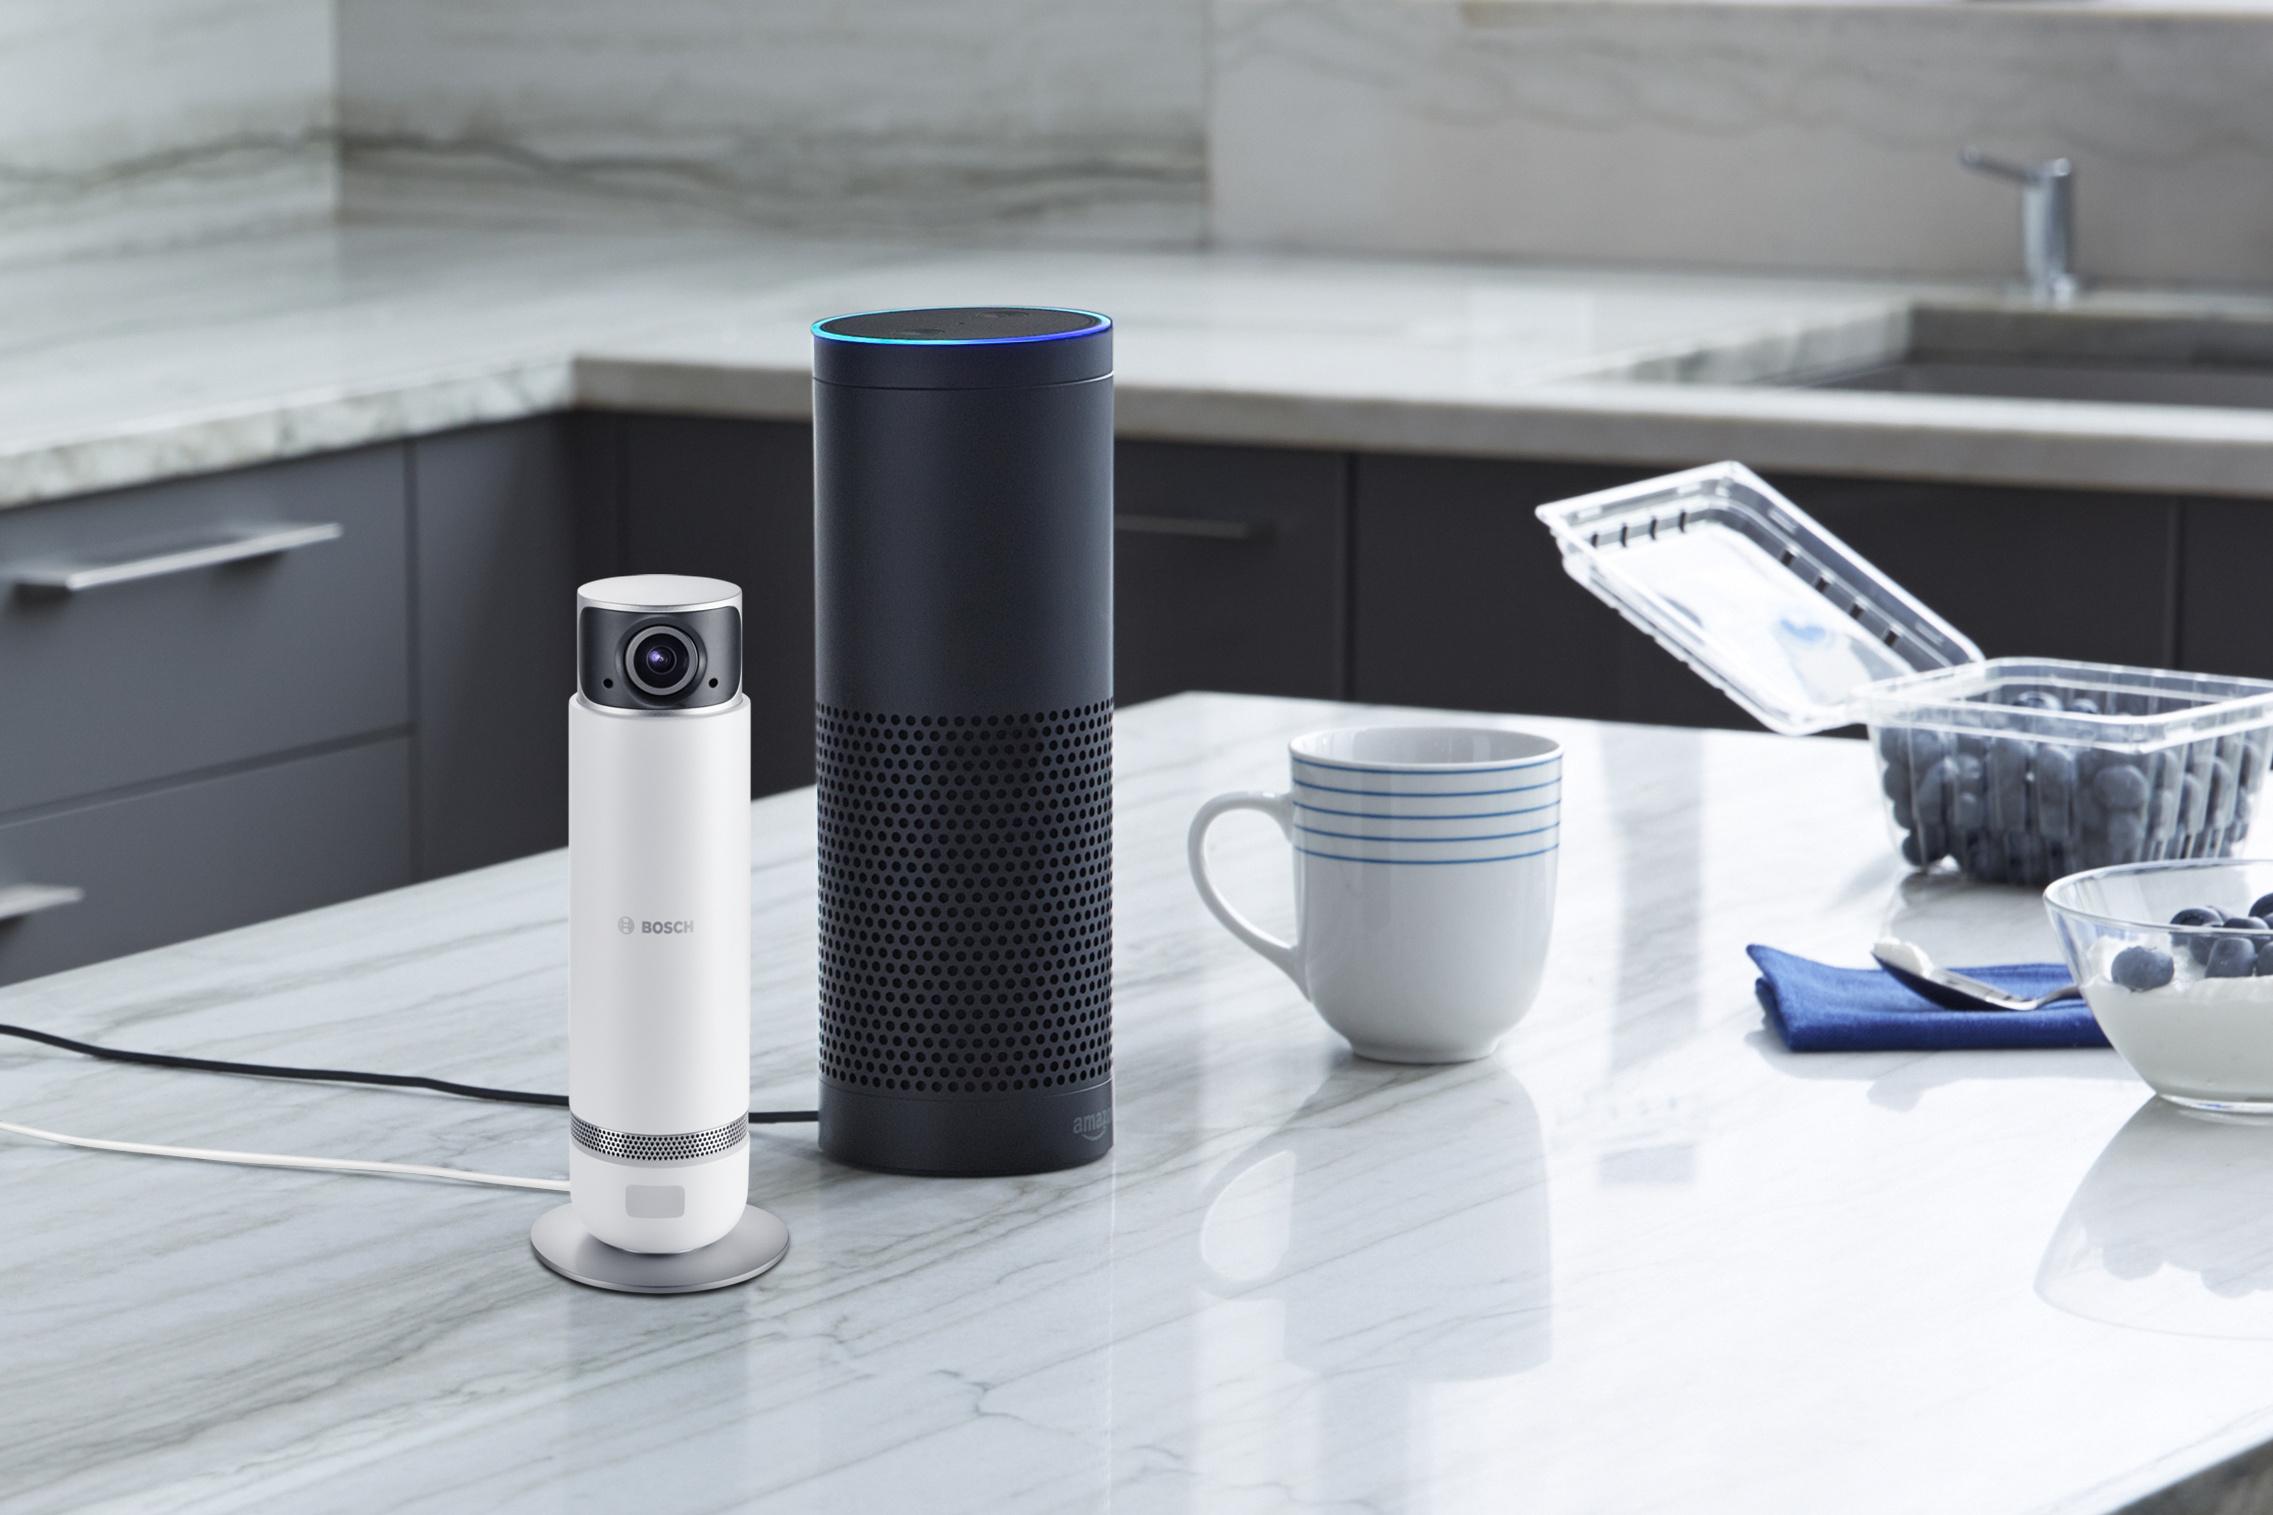 Sprachsteuerung mit Alexa